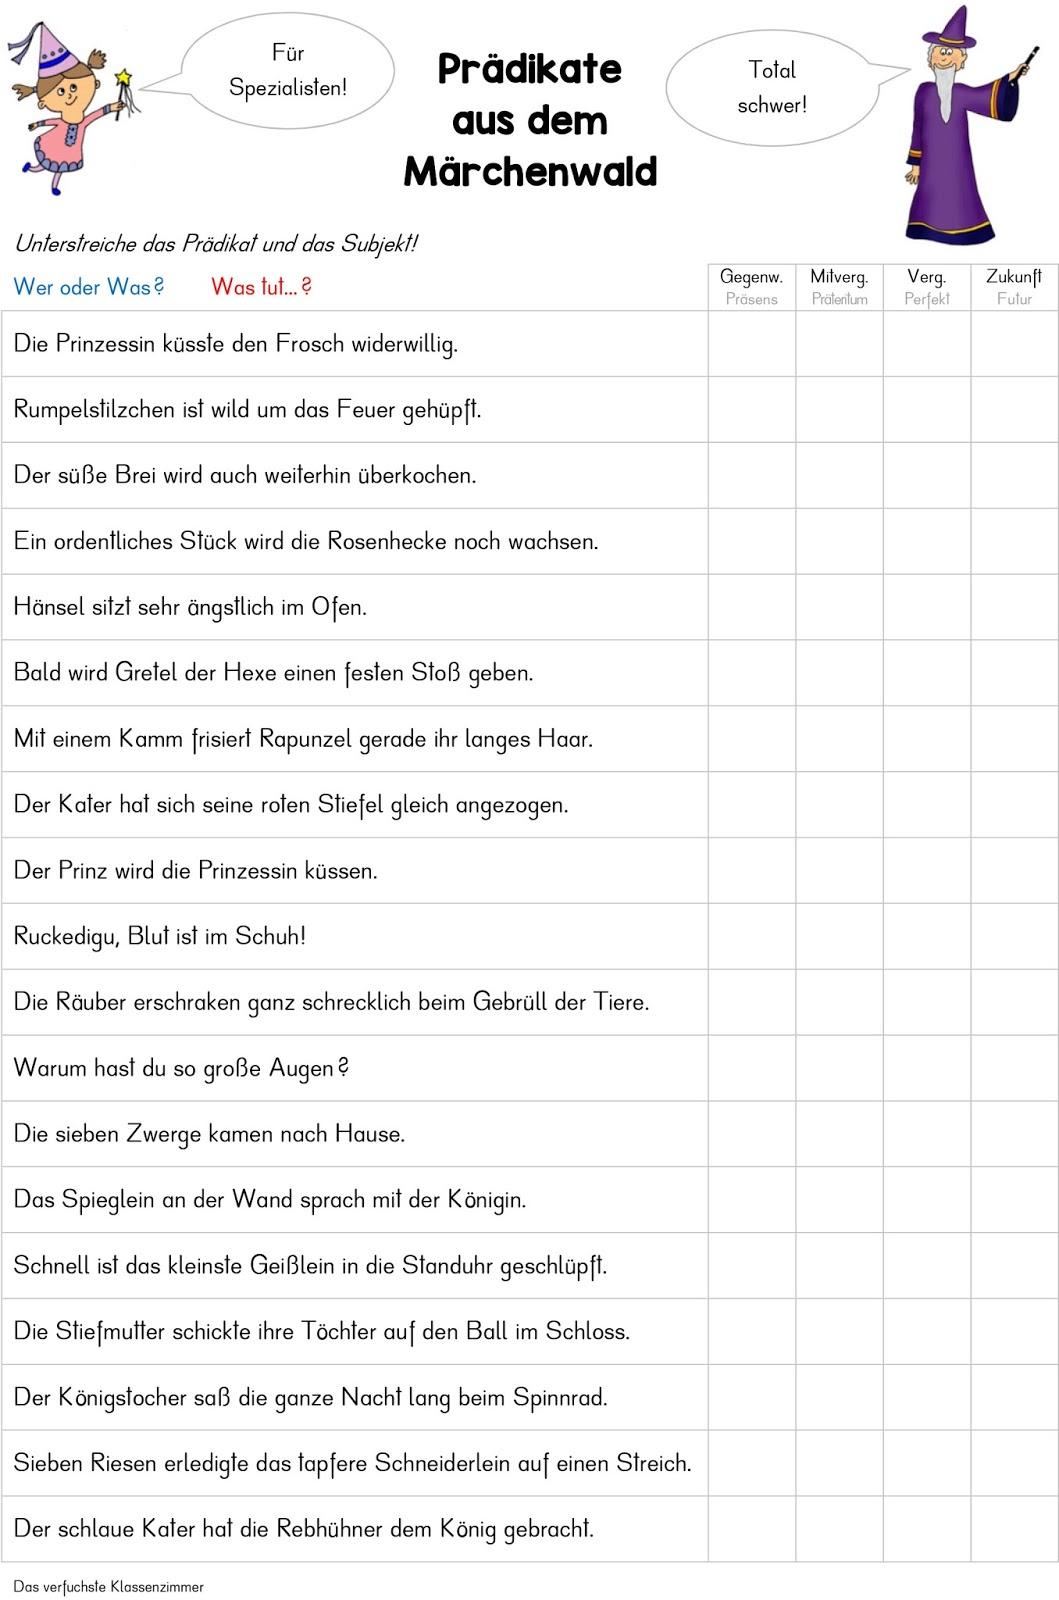 Tolle Grammatik Subjekt Und Prädikat Arbeitsblatt Fotos - Mathe ...